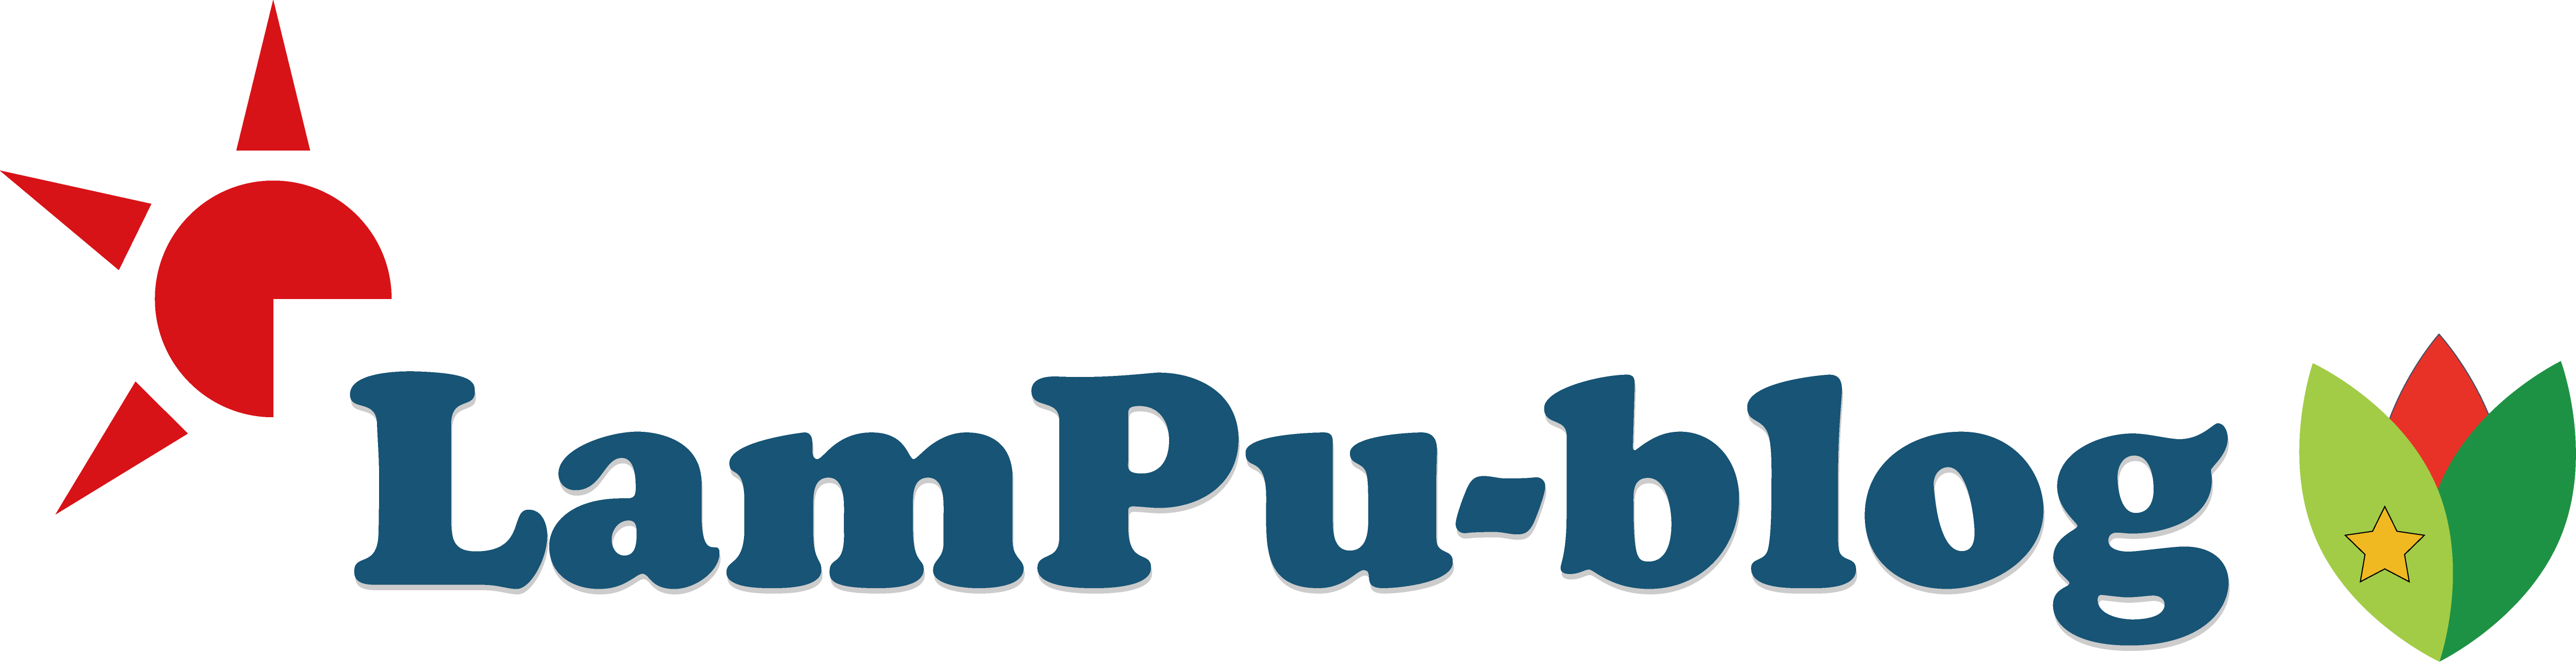 ランプーブログのロゴ画像